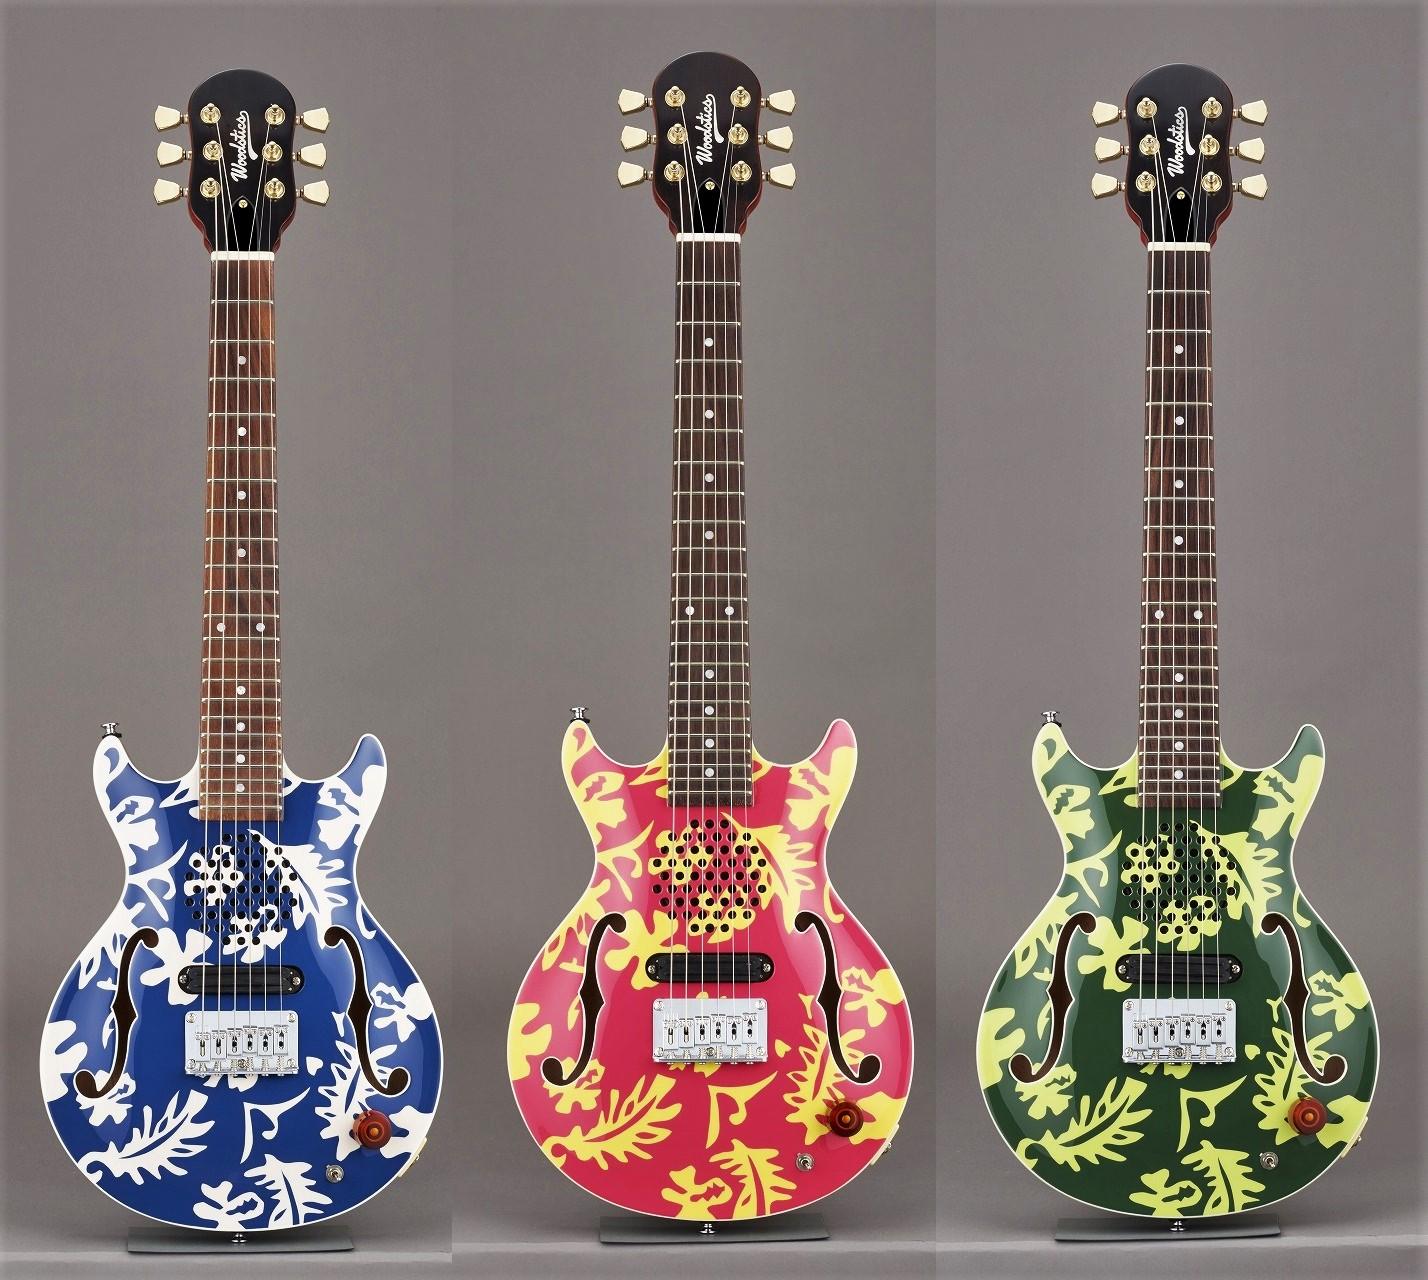 横山健プロデュース&監修で話題のブランド、Woodstics Guitarsが遂に始動。第一弾は、ESP助六と同じボディシェイプのミニギターで、ボディトップにはハイビスカスのアロハ柄がペイントされ、鮮やかな3色がラインナップしています。  ボディにはスピーカーを内蔵、アンプに繋がなくてもすぐにエレキギターサウンドを楽しむことが可能。また、ミニスイッチをオンにすれば、心地よいディストーションサウンドに変化、いつでもどこでもロックなサウンドでプレイできます。